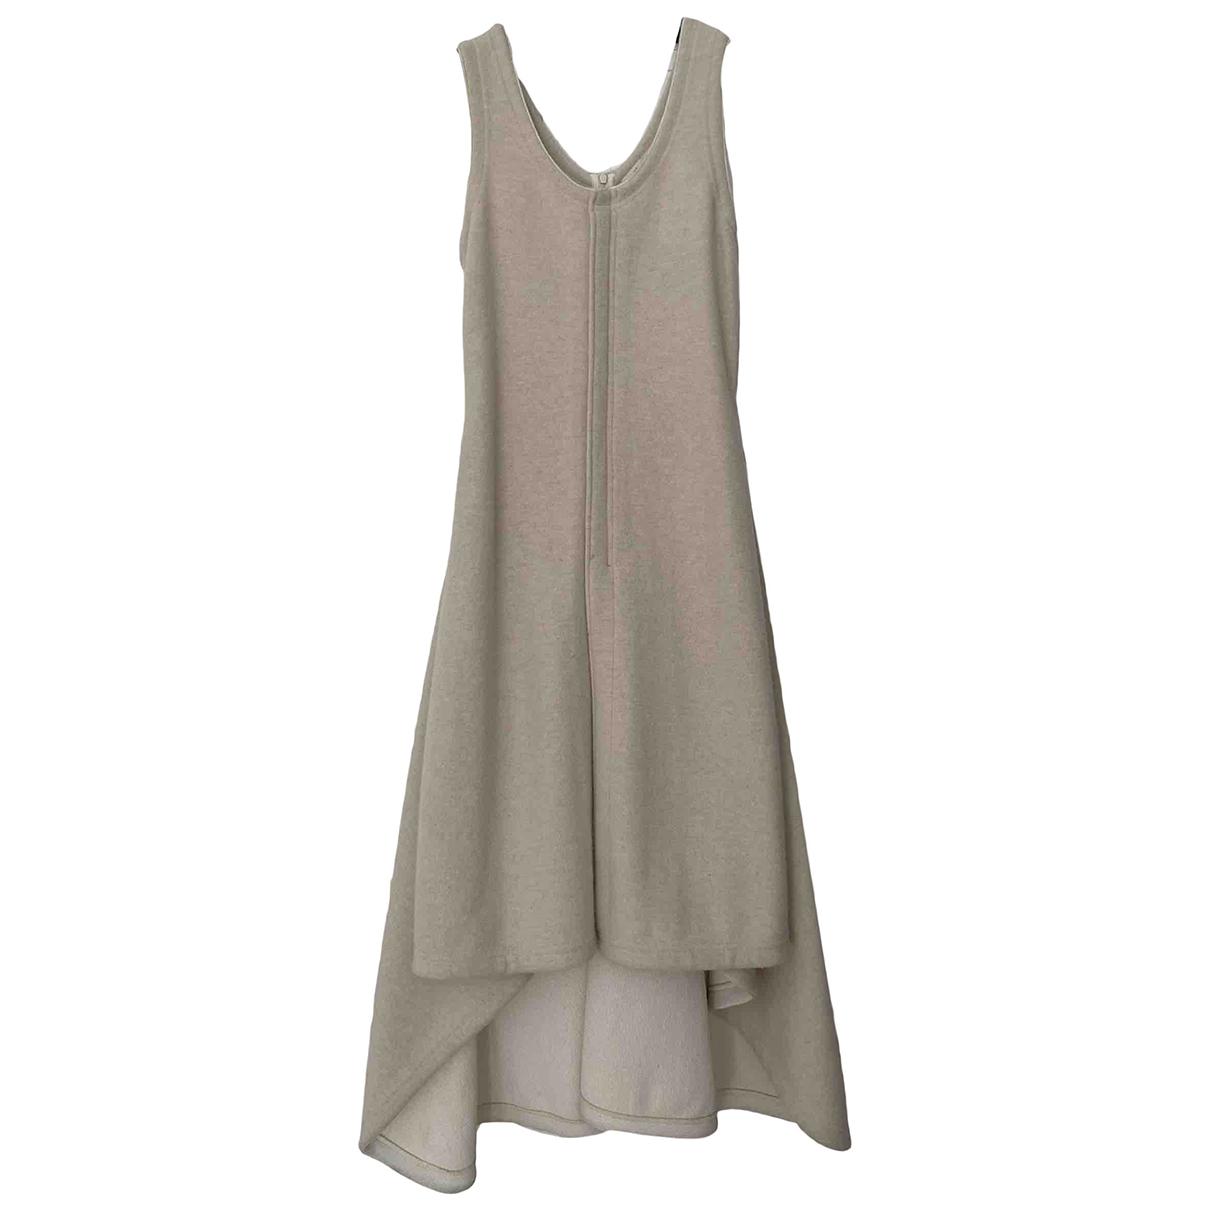 Celine \N Kleid in  Ecru Wolle